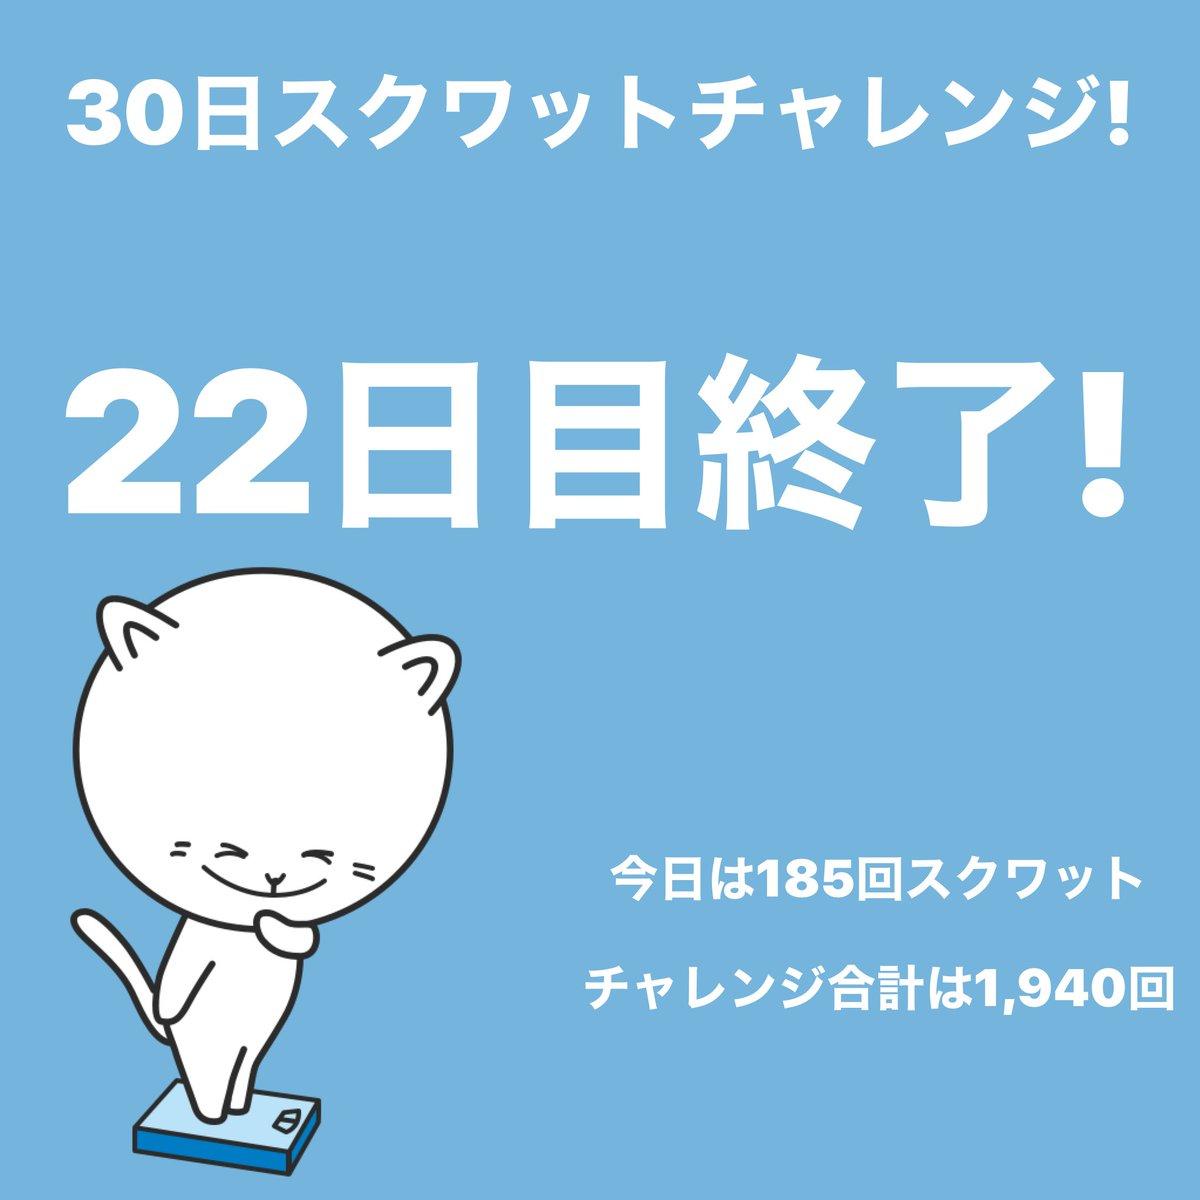 #スクワットチャレンジ 22日目終了!今日は185回スクワットしました。 #30日チャレンジ